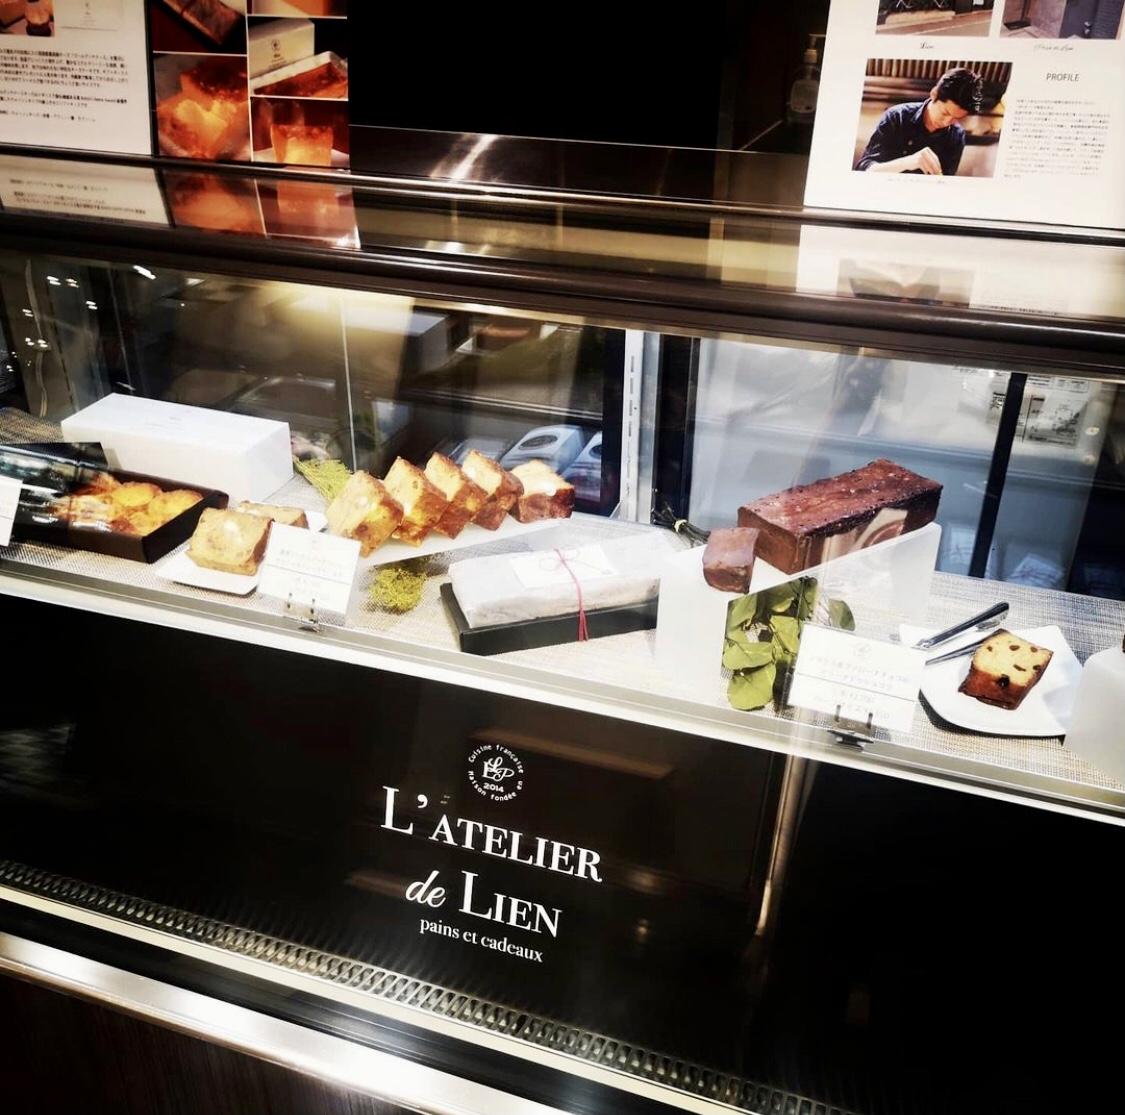 期間限定ポップアップストア 新商品「北海道小豆のチーズケーキ」